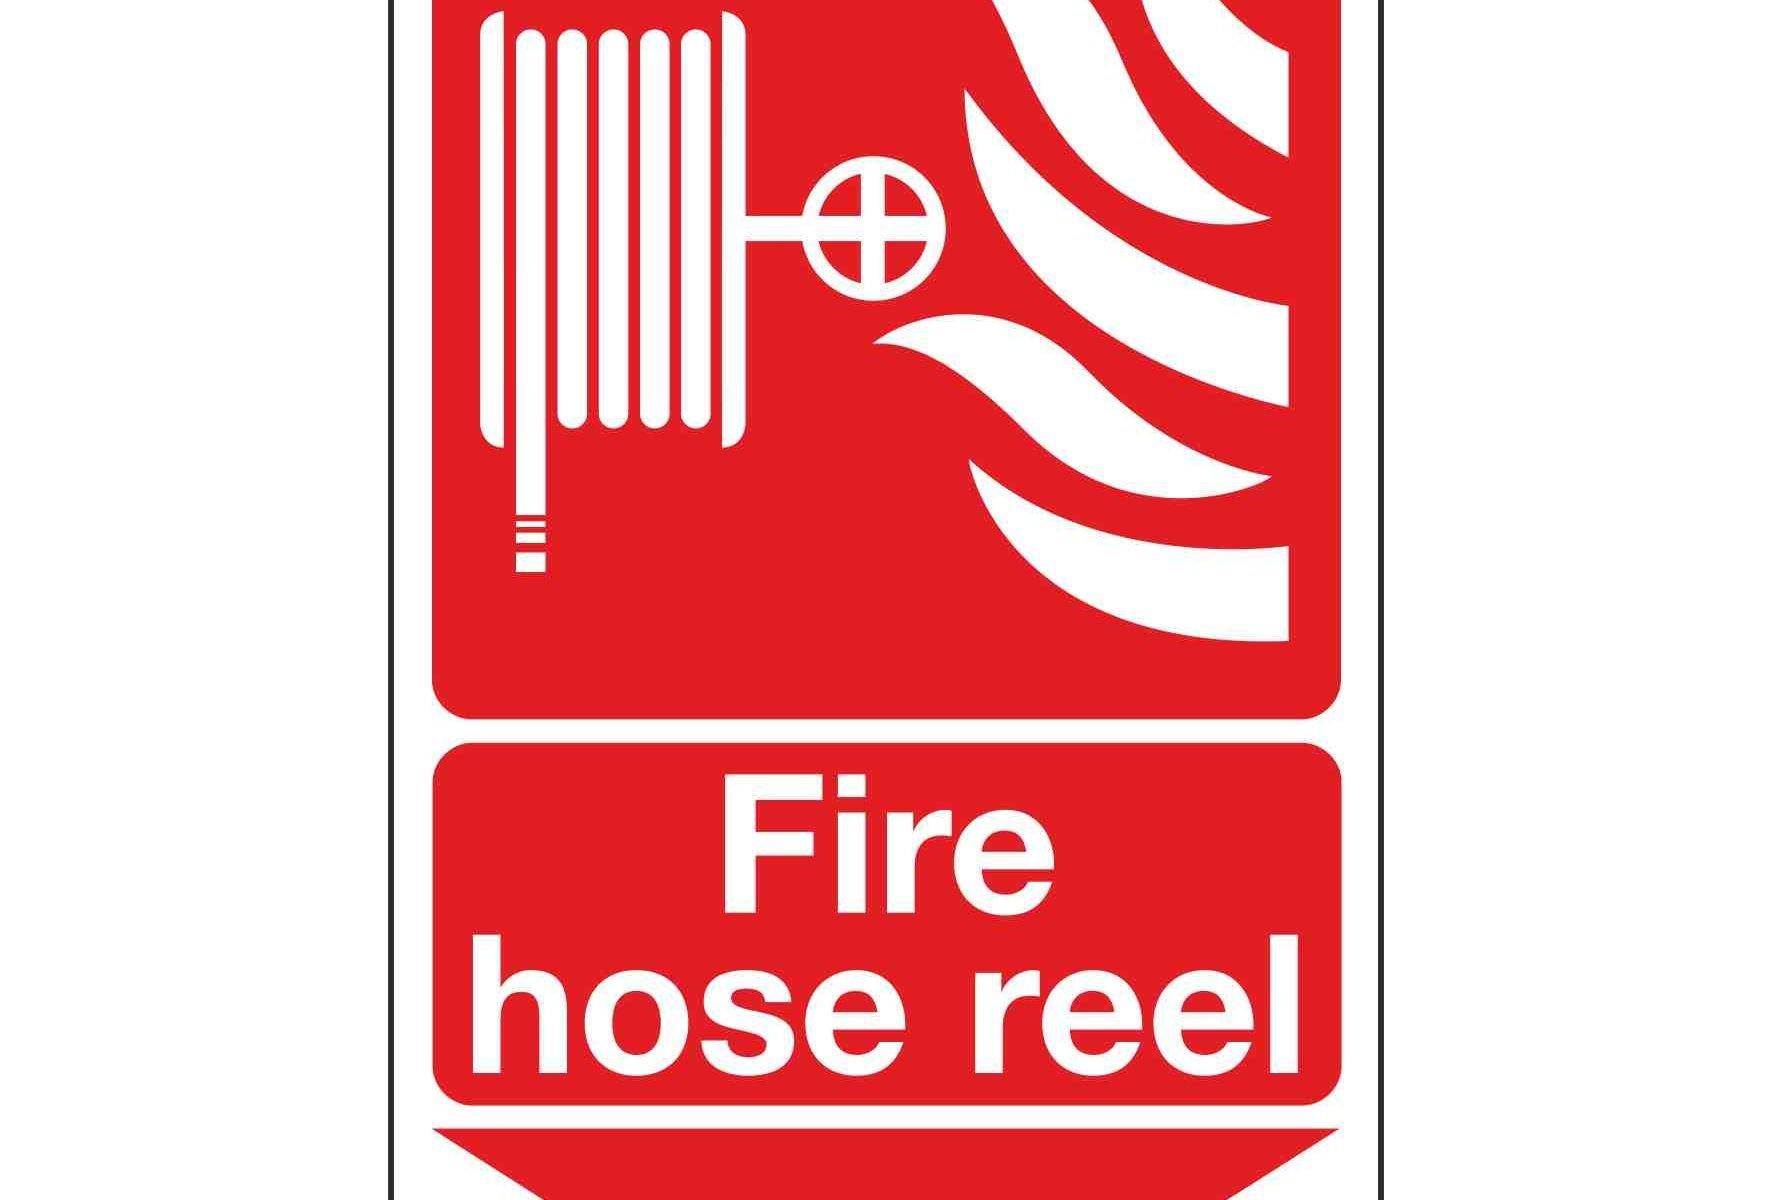 Fire hose reel / Arrow Down